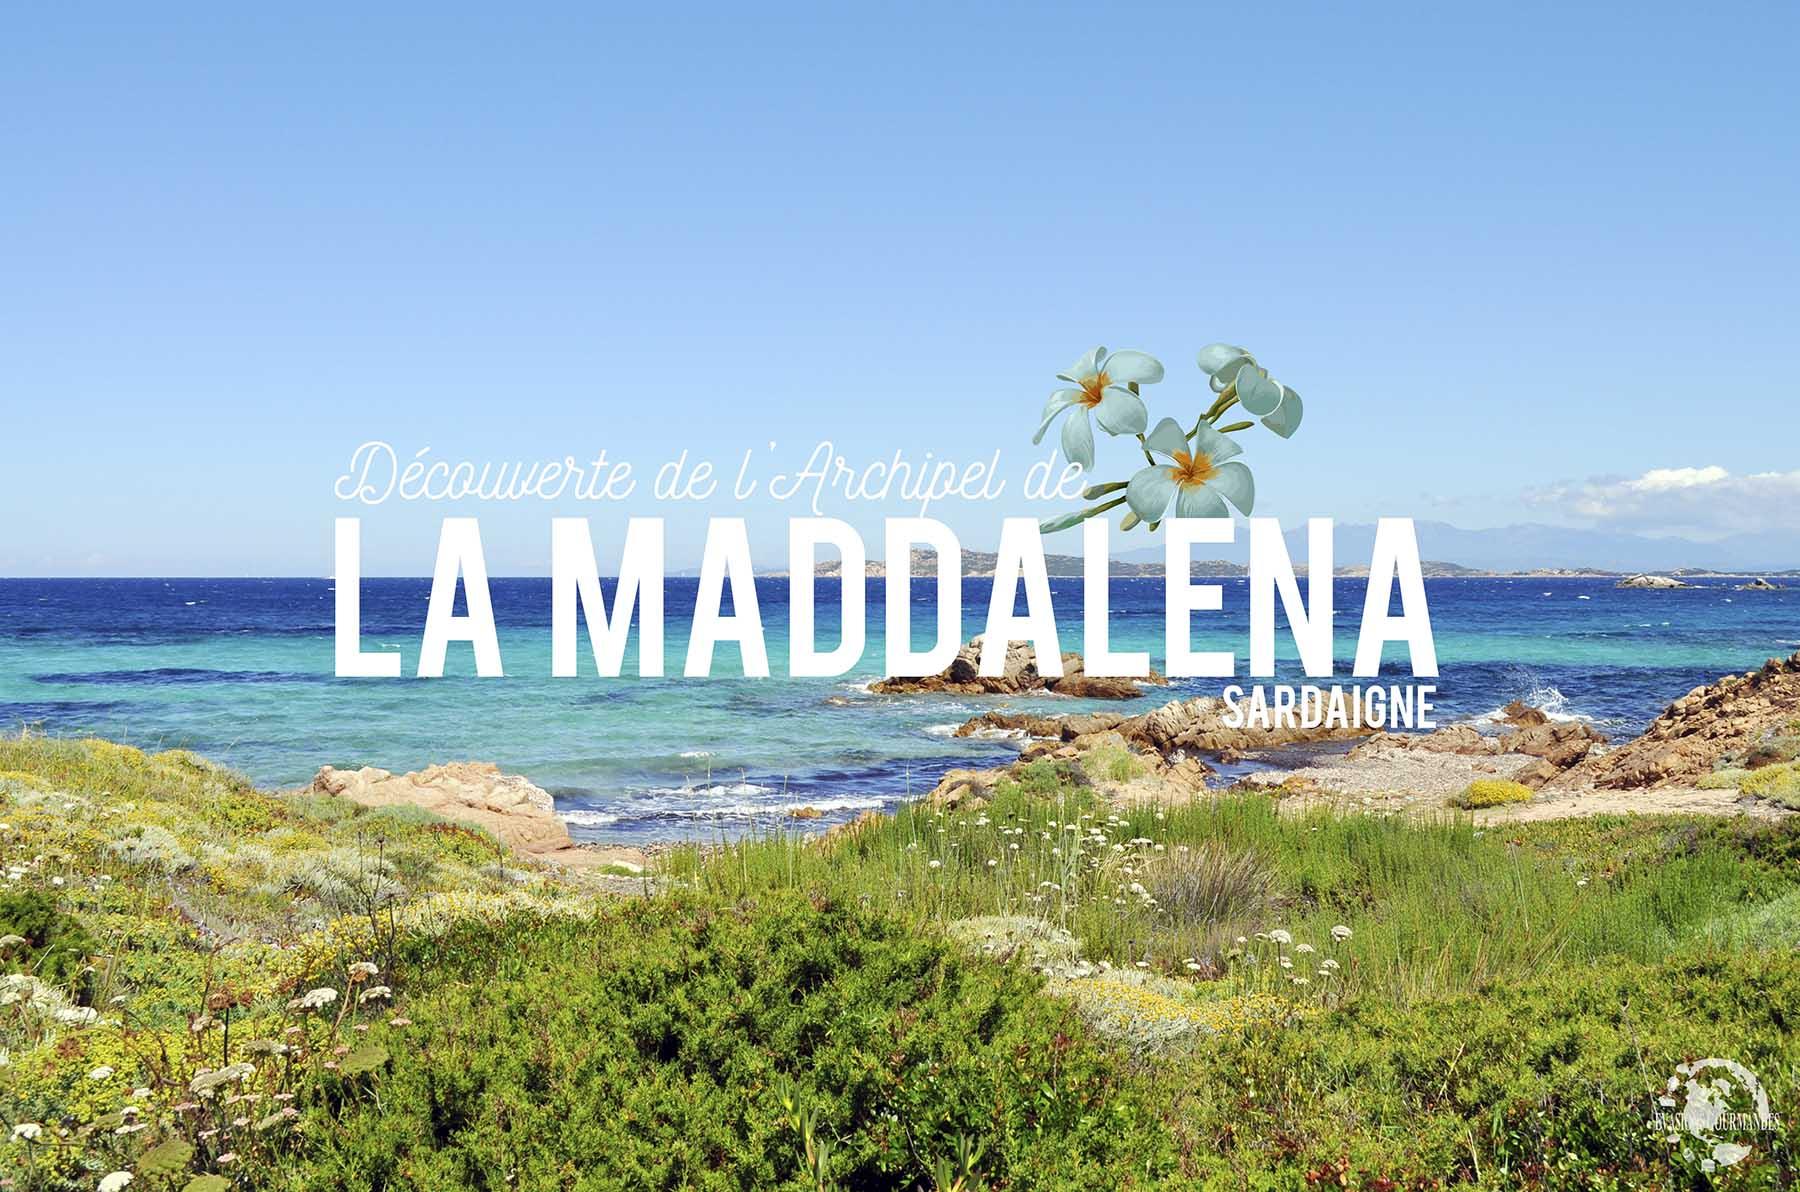 Archipel de la Maddalena Sardaigne